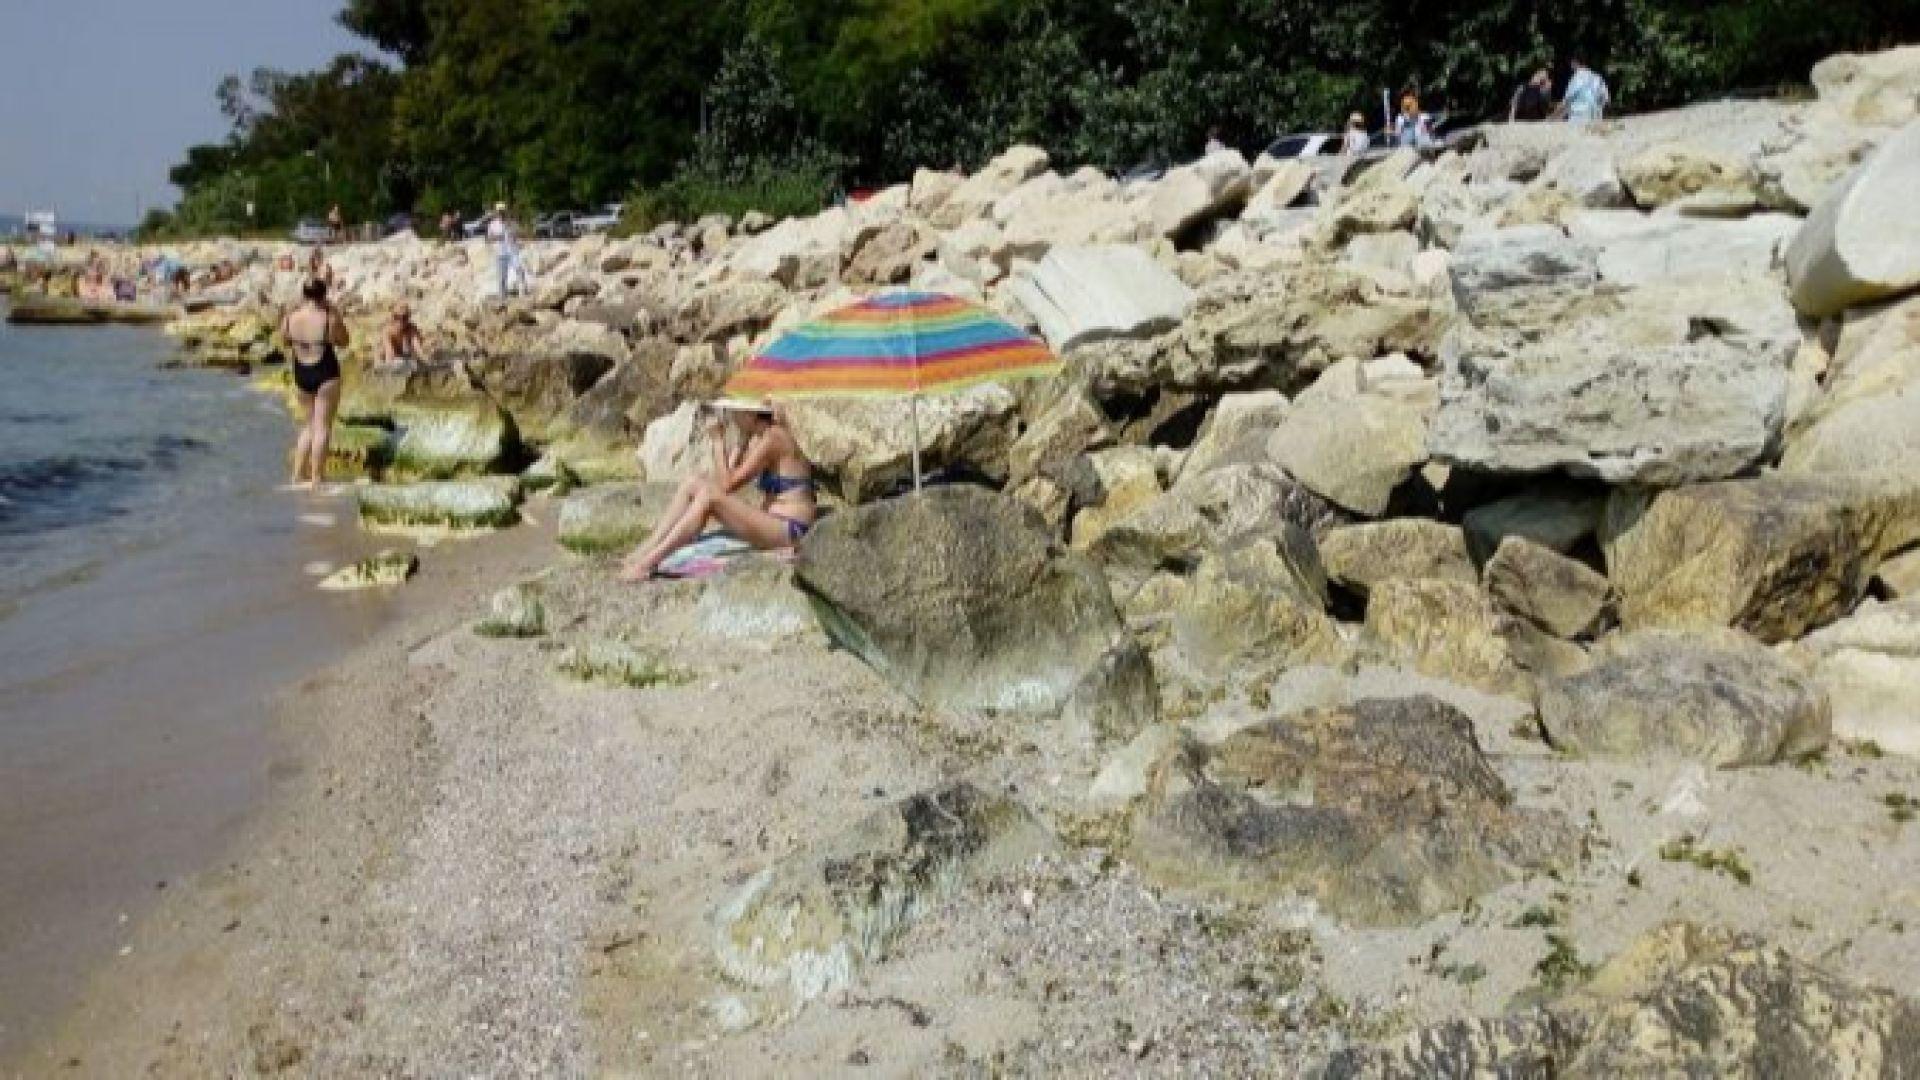 Търсят се стопани за два варненски плажа